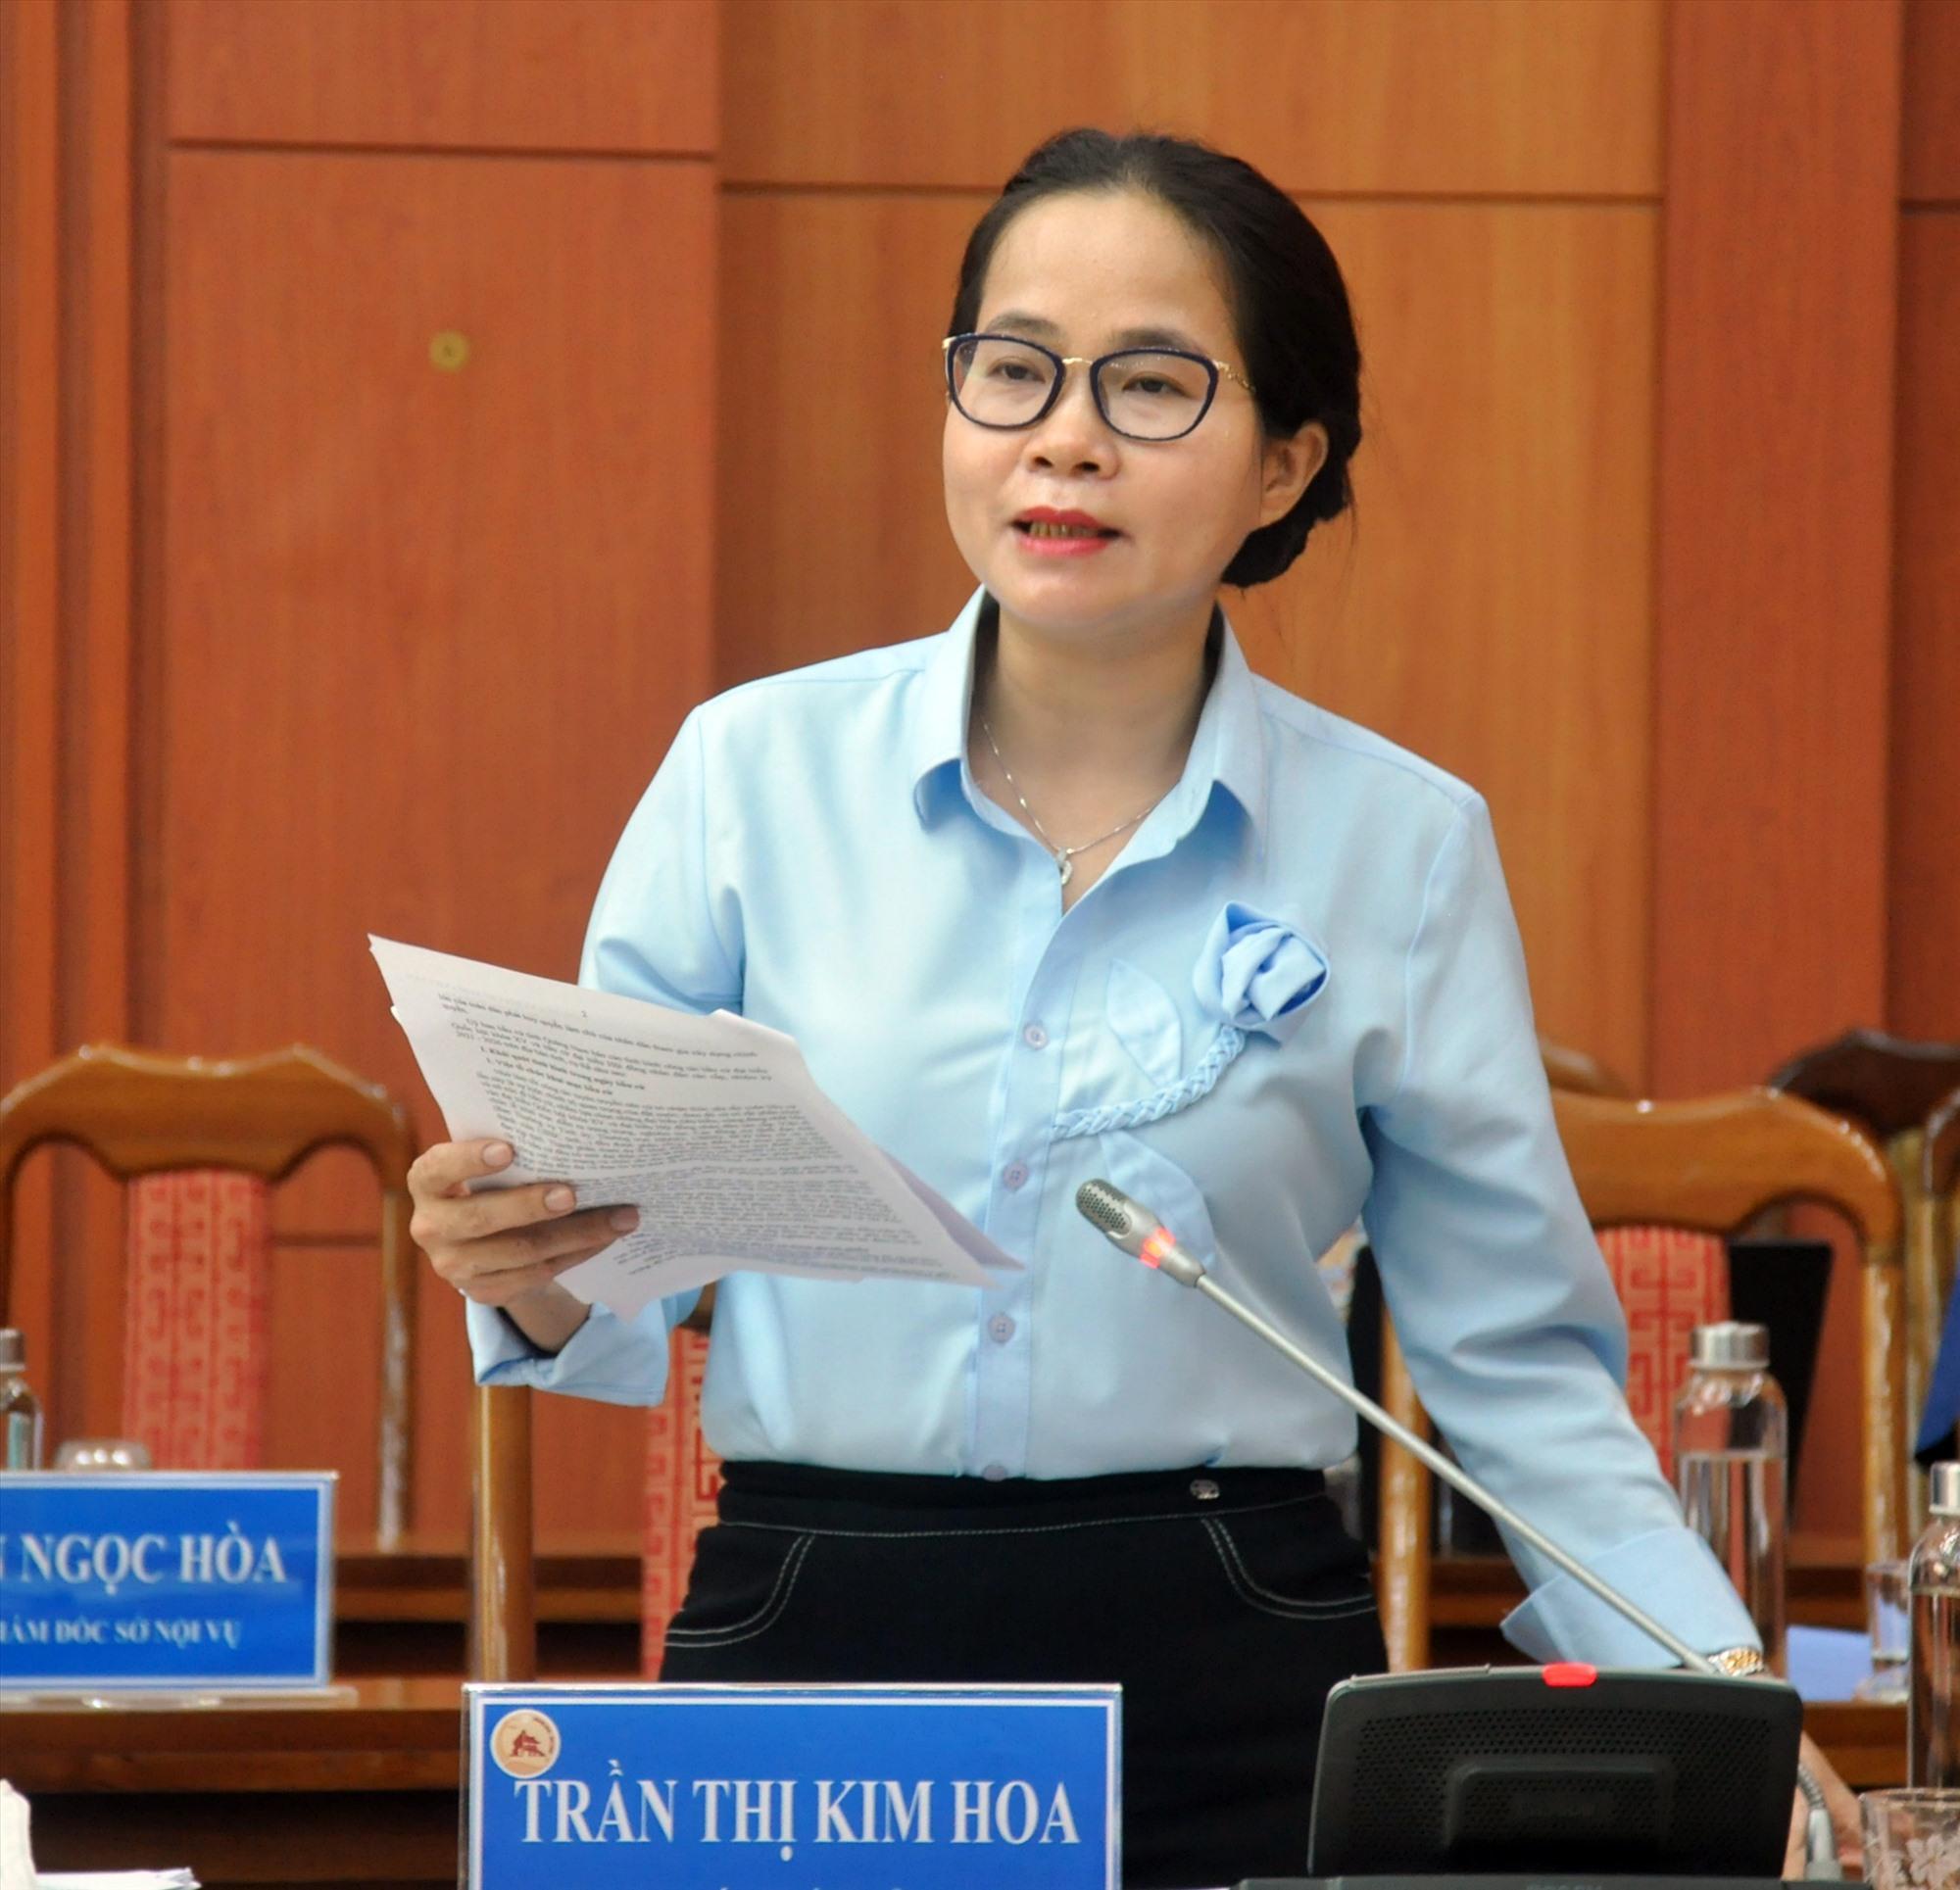 Bà Trần Thị Kim Hoa - Giám đốc Sở Nội vụ. Ảnh: N.Đ